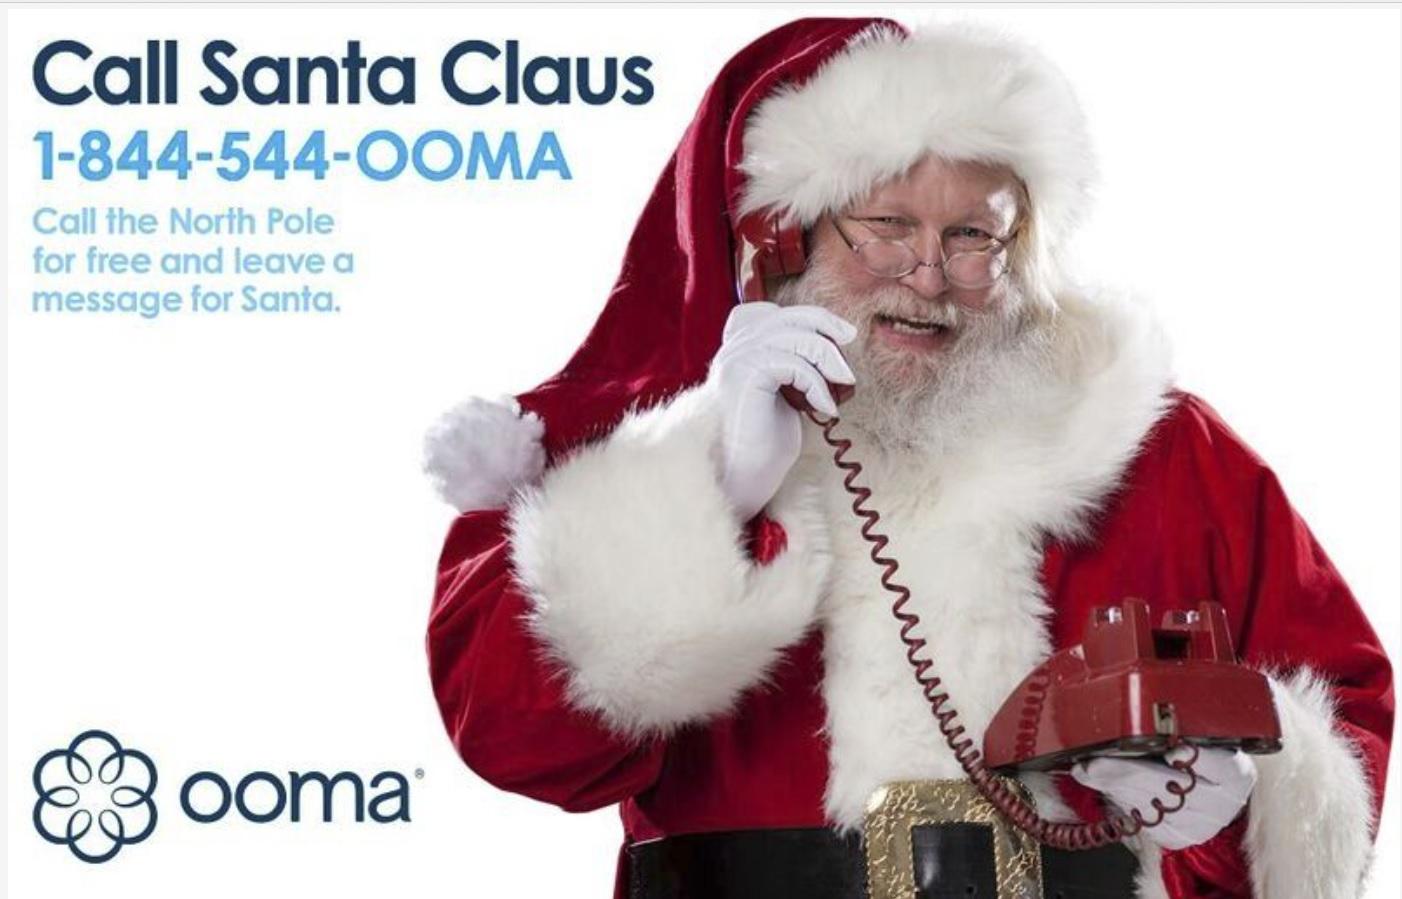 OOMA Holiday Santa